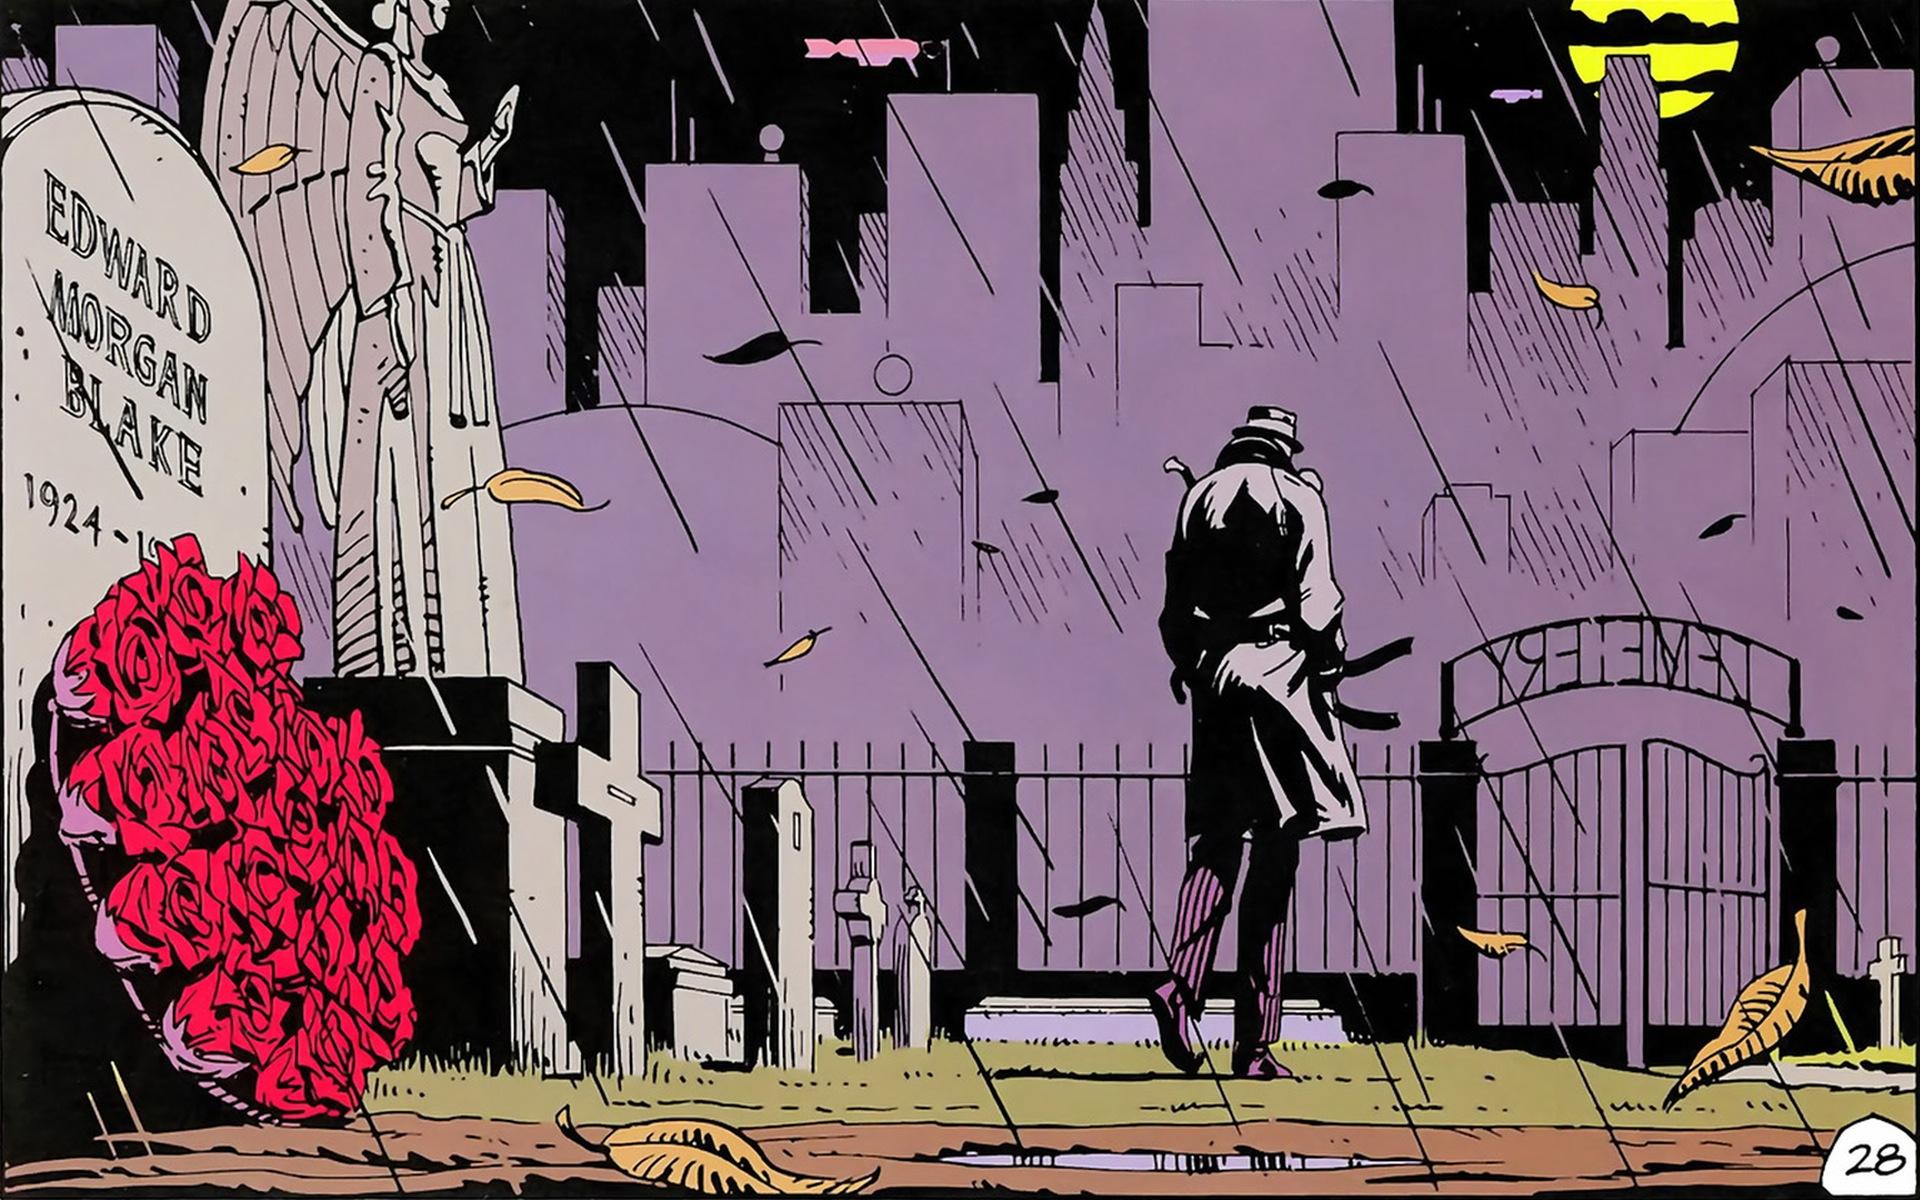 Confirmada la secuela de Watchmen a cargo de Geoff Johns